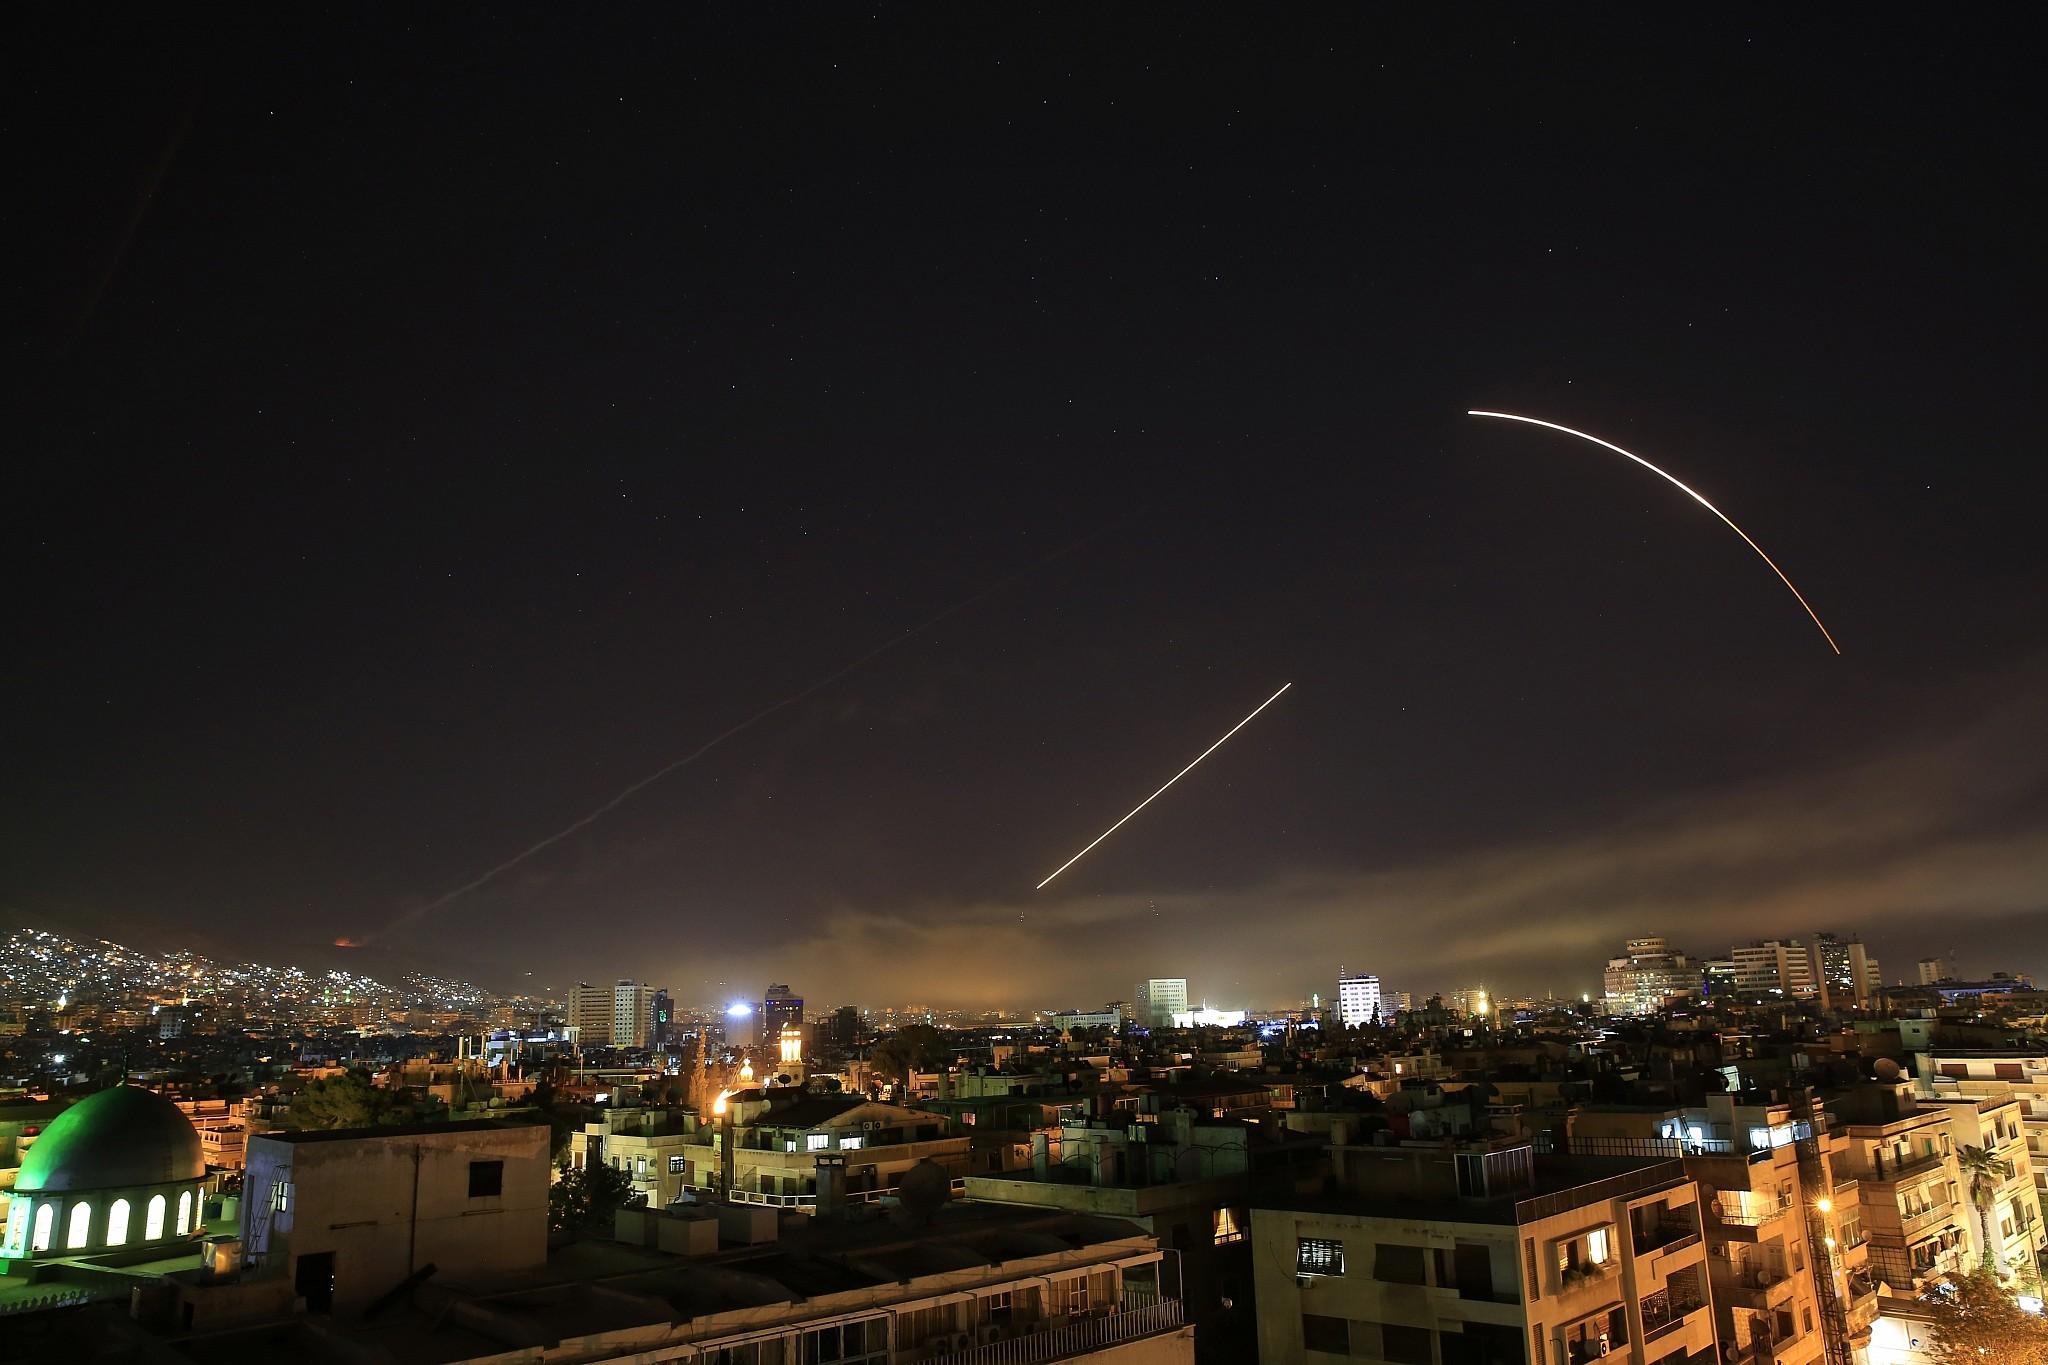 Los misiles cruzan el horizonte de Damasco cuando EE. UU. Lanza un ataque contra Siria dirigido a diferentes partes de la capital, el sábado 14 de abril de 2018 (AP Photo / Hassan Ammar)